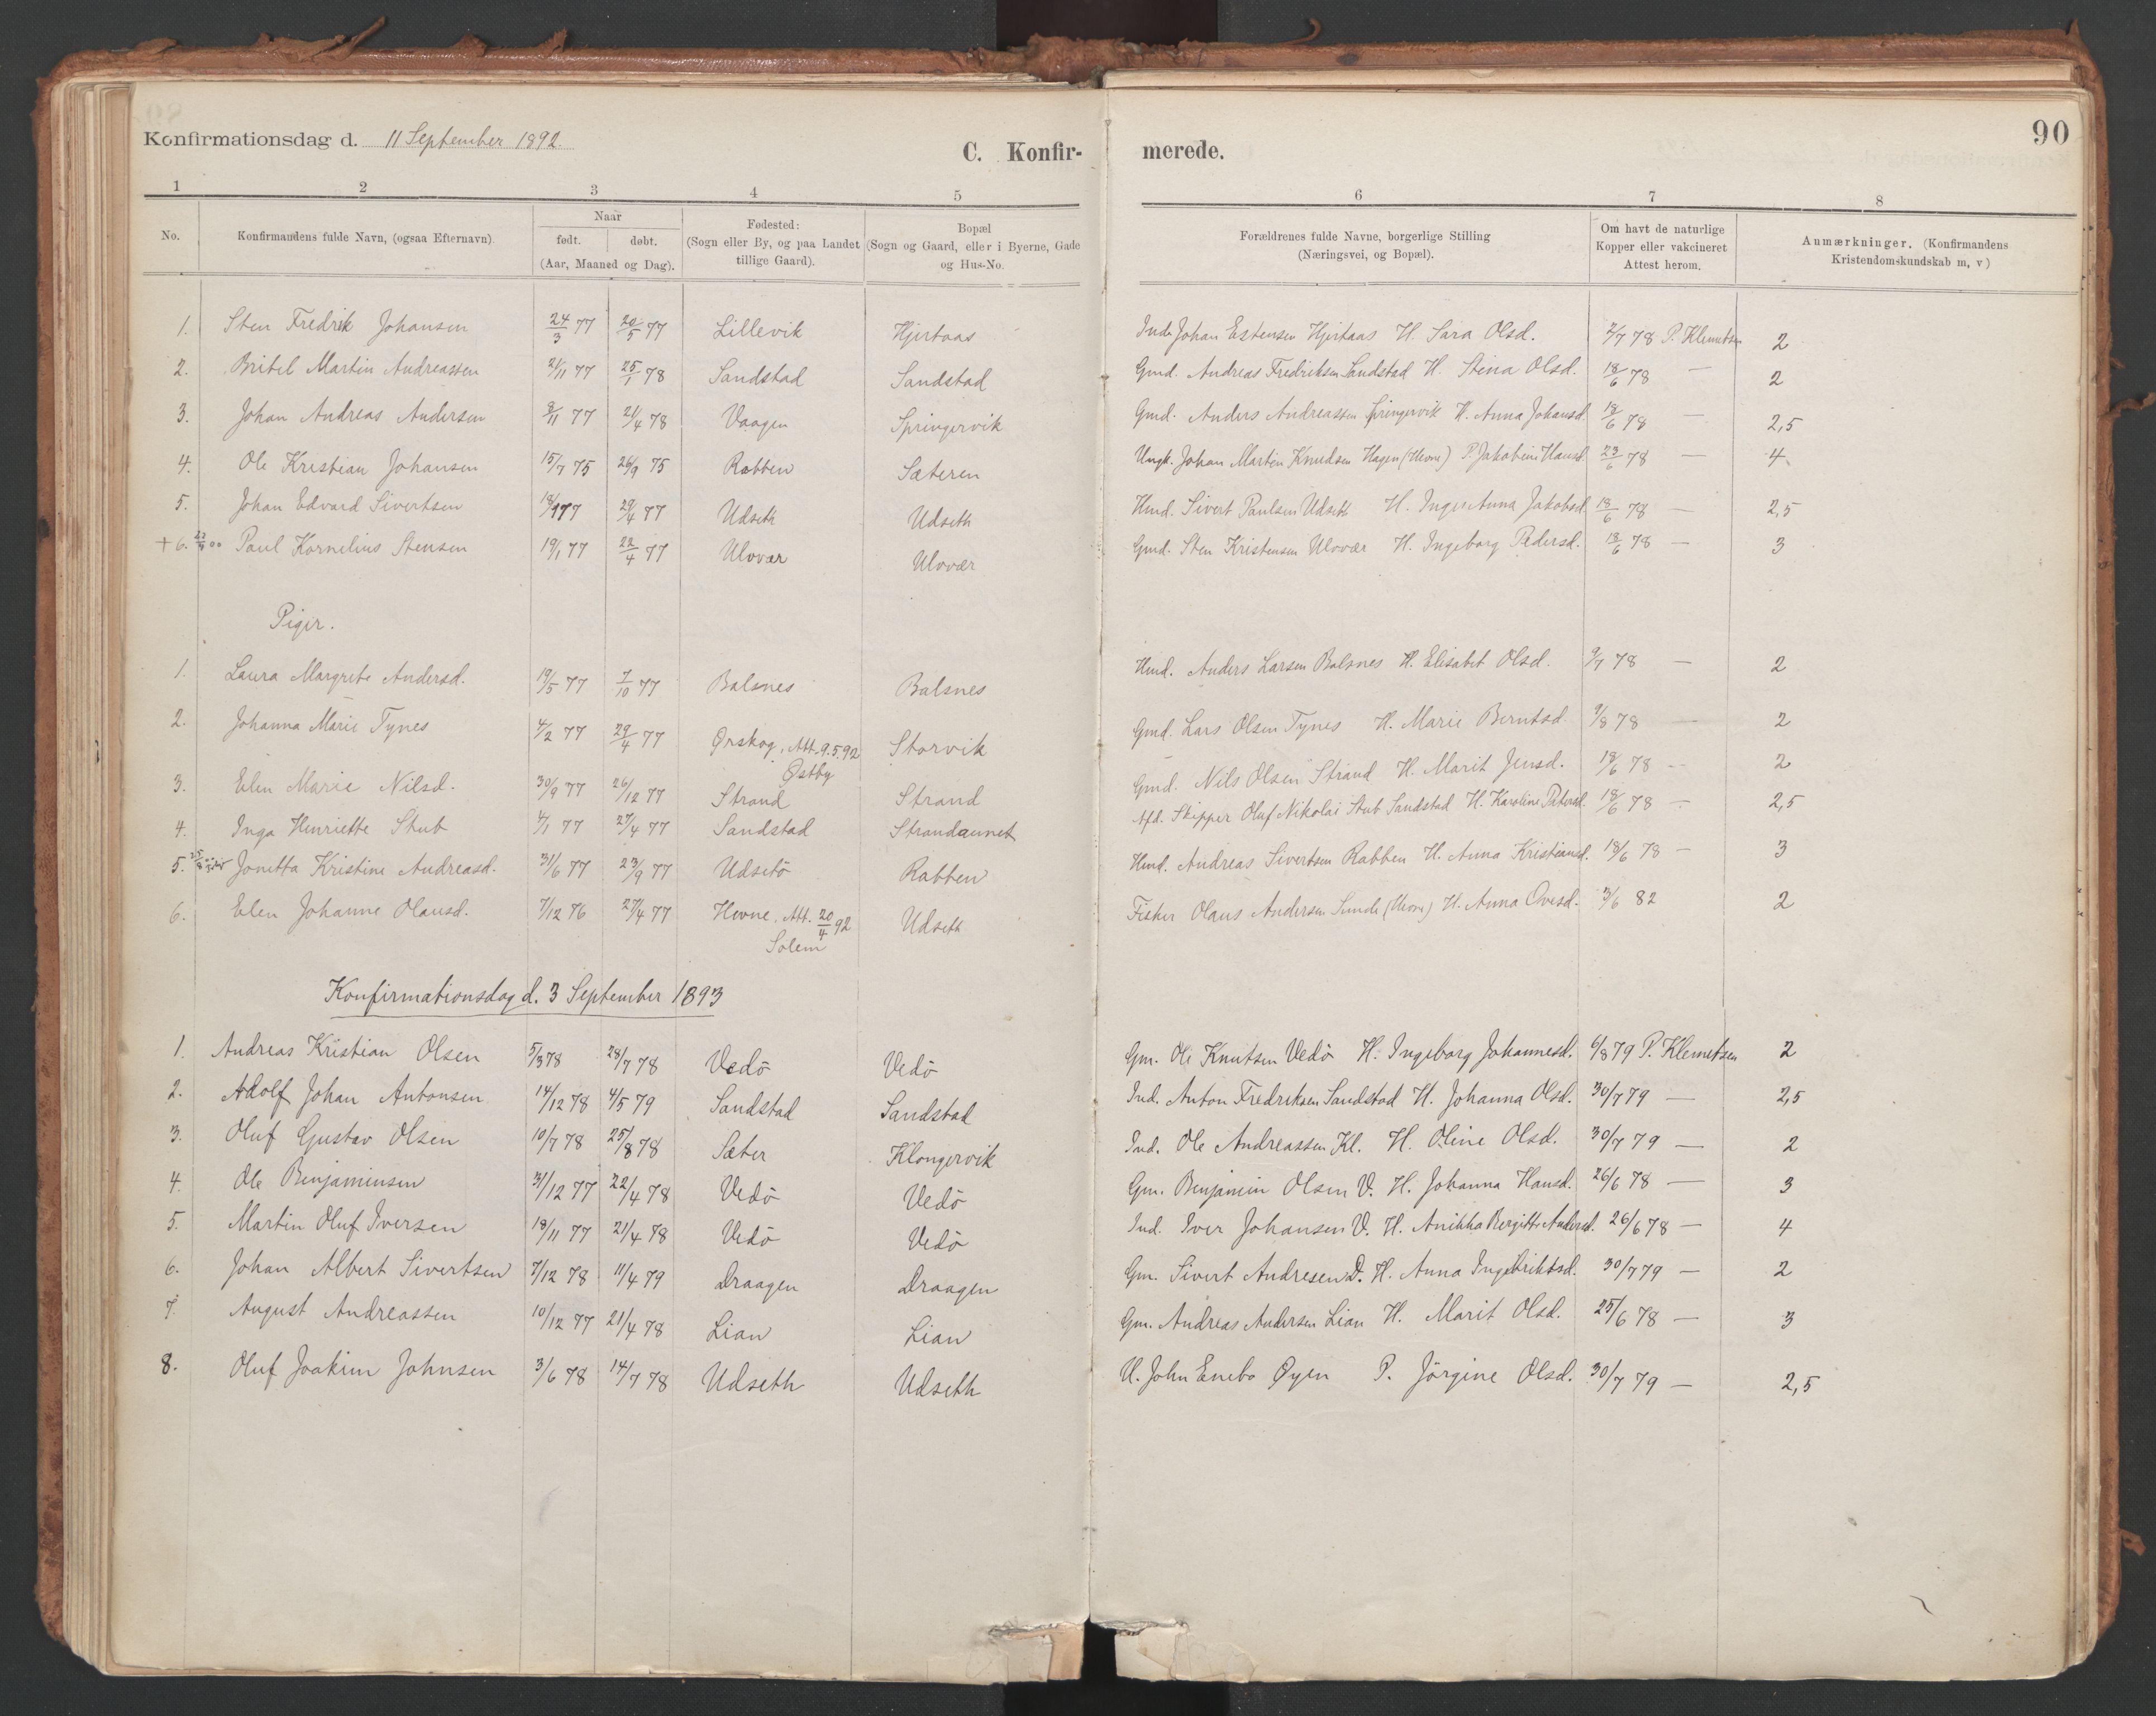 SAT, Ministerialprotokoller, klokkerbøker og fødselsregistre - Sør-Trøndelag, 639/L0572: Ministerialbok nr. 639A01, 1890-1920, s. 90